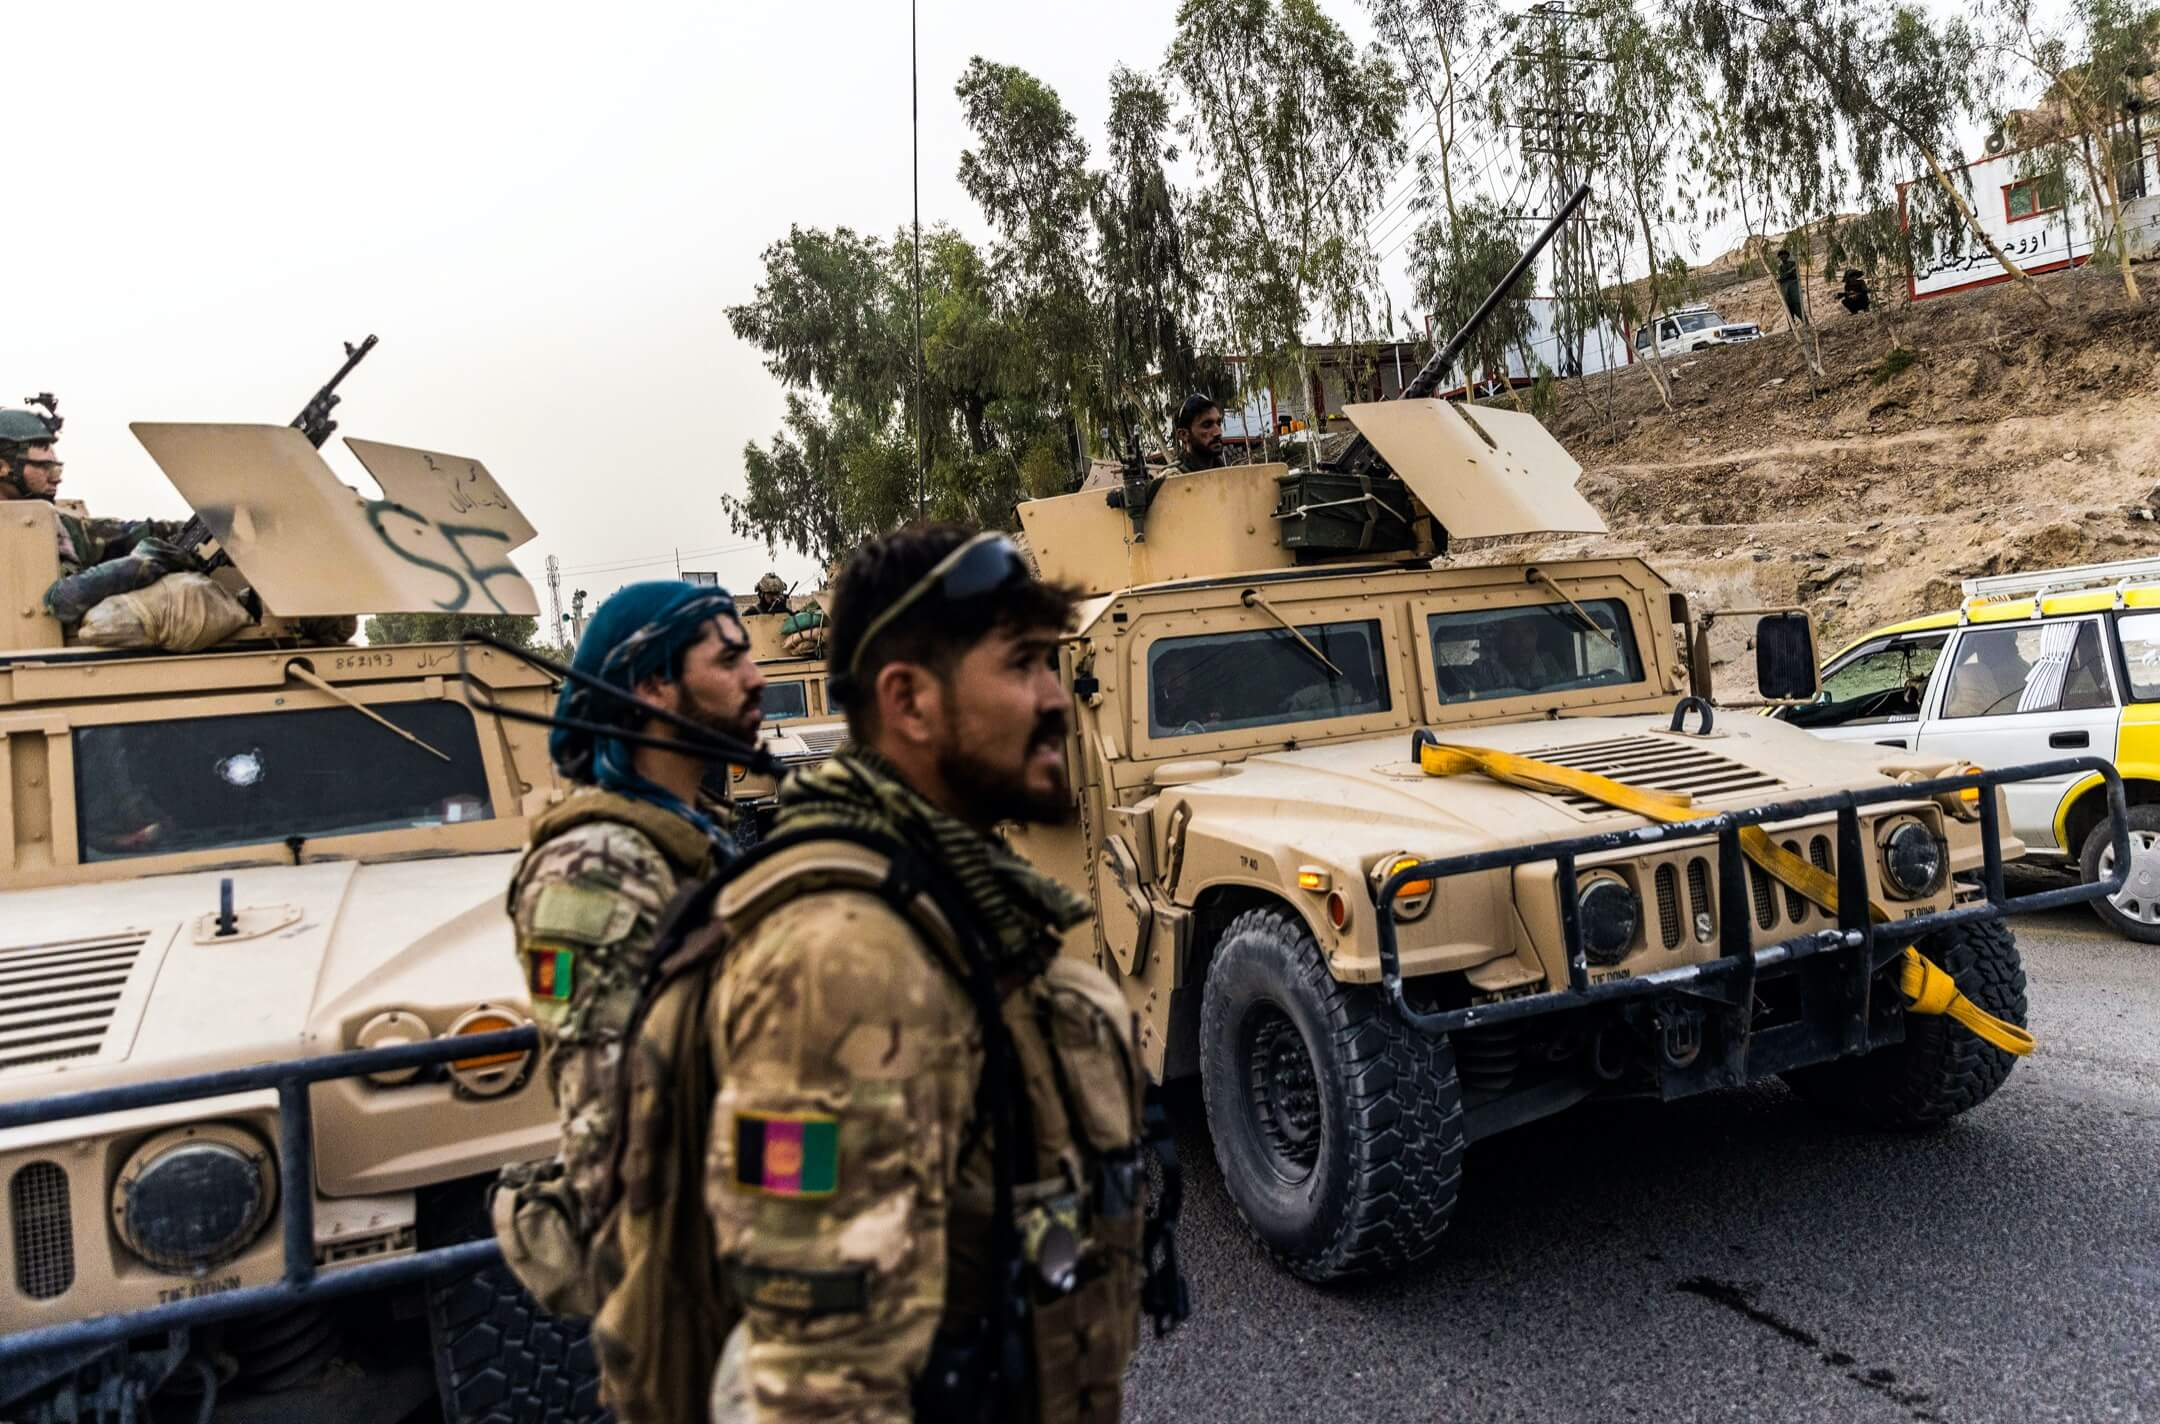 2021年7月13日,阿富汗坎大哈省,阿富汗特種部隊成員拯救一名在檢測站被塔利班圍困的警員。 攝:Danish Siddiqui/Reuters/達志影像